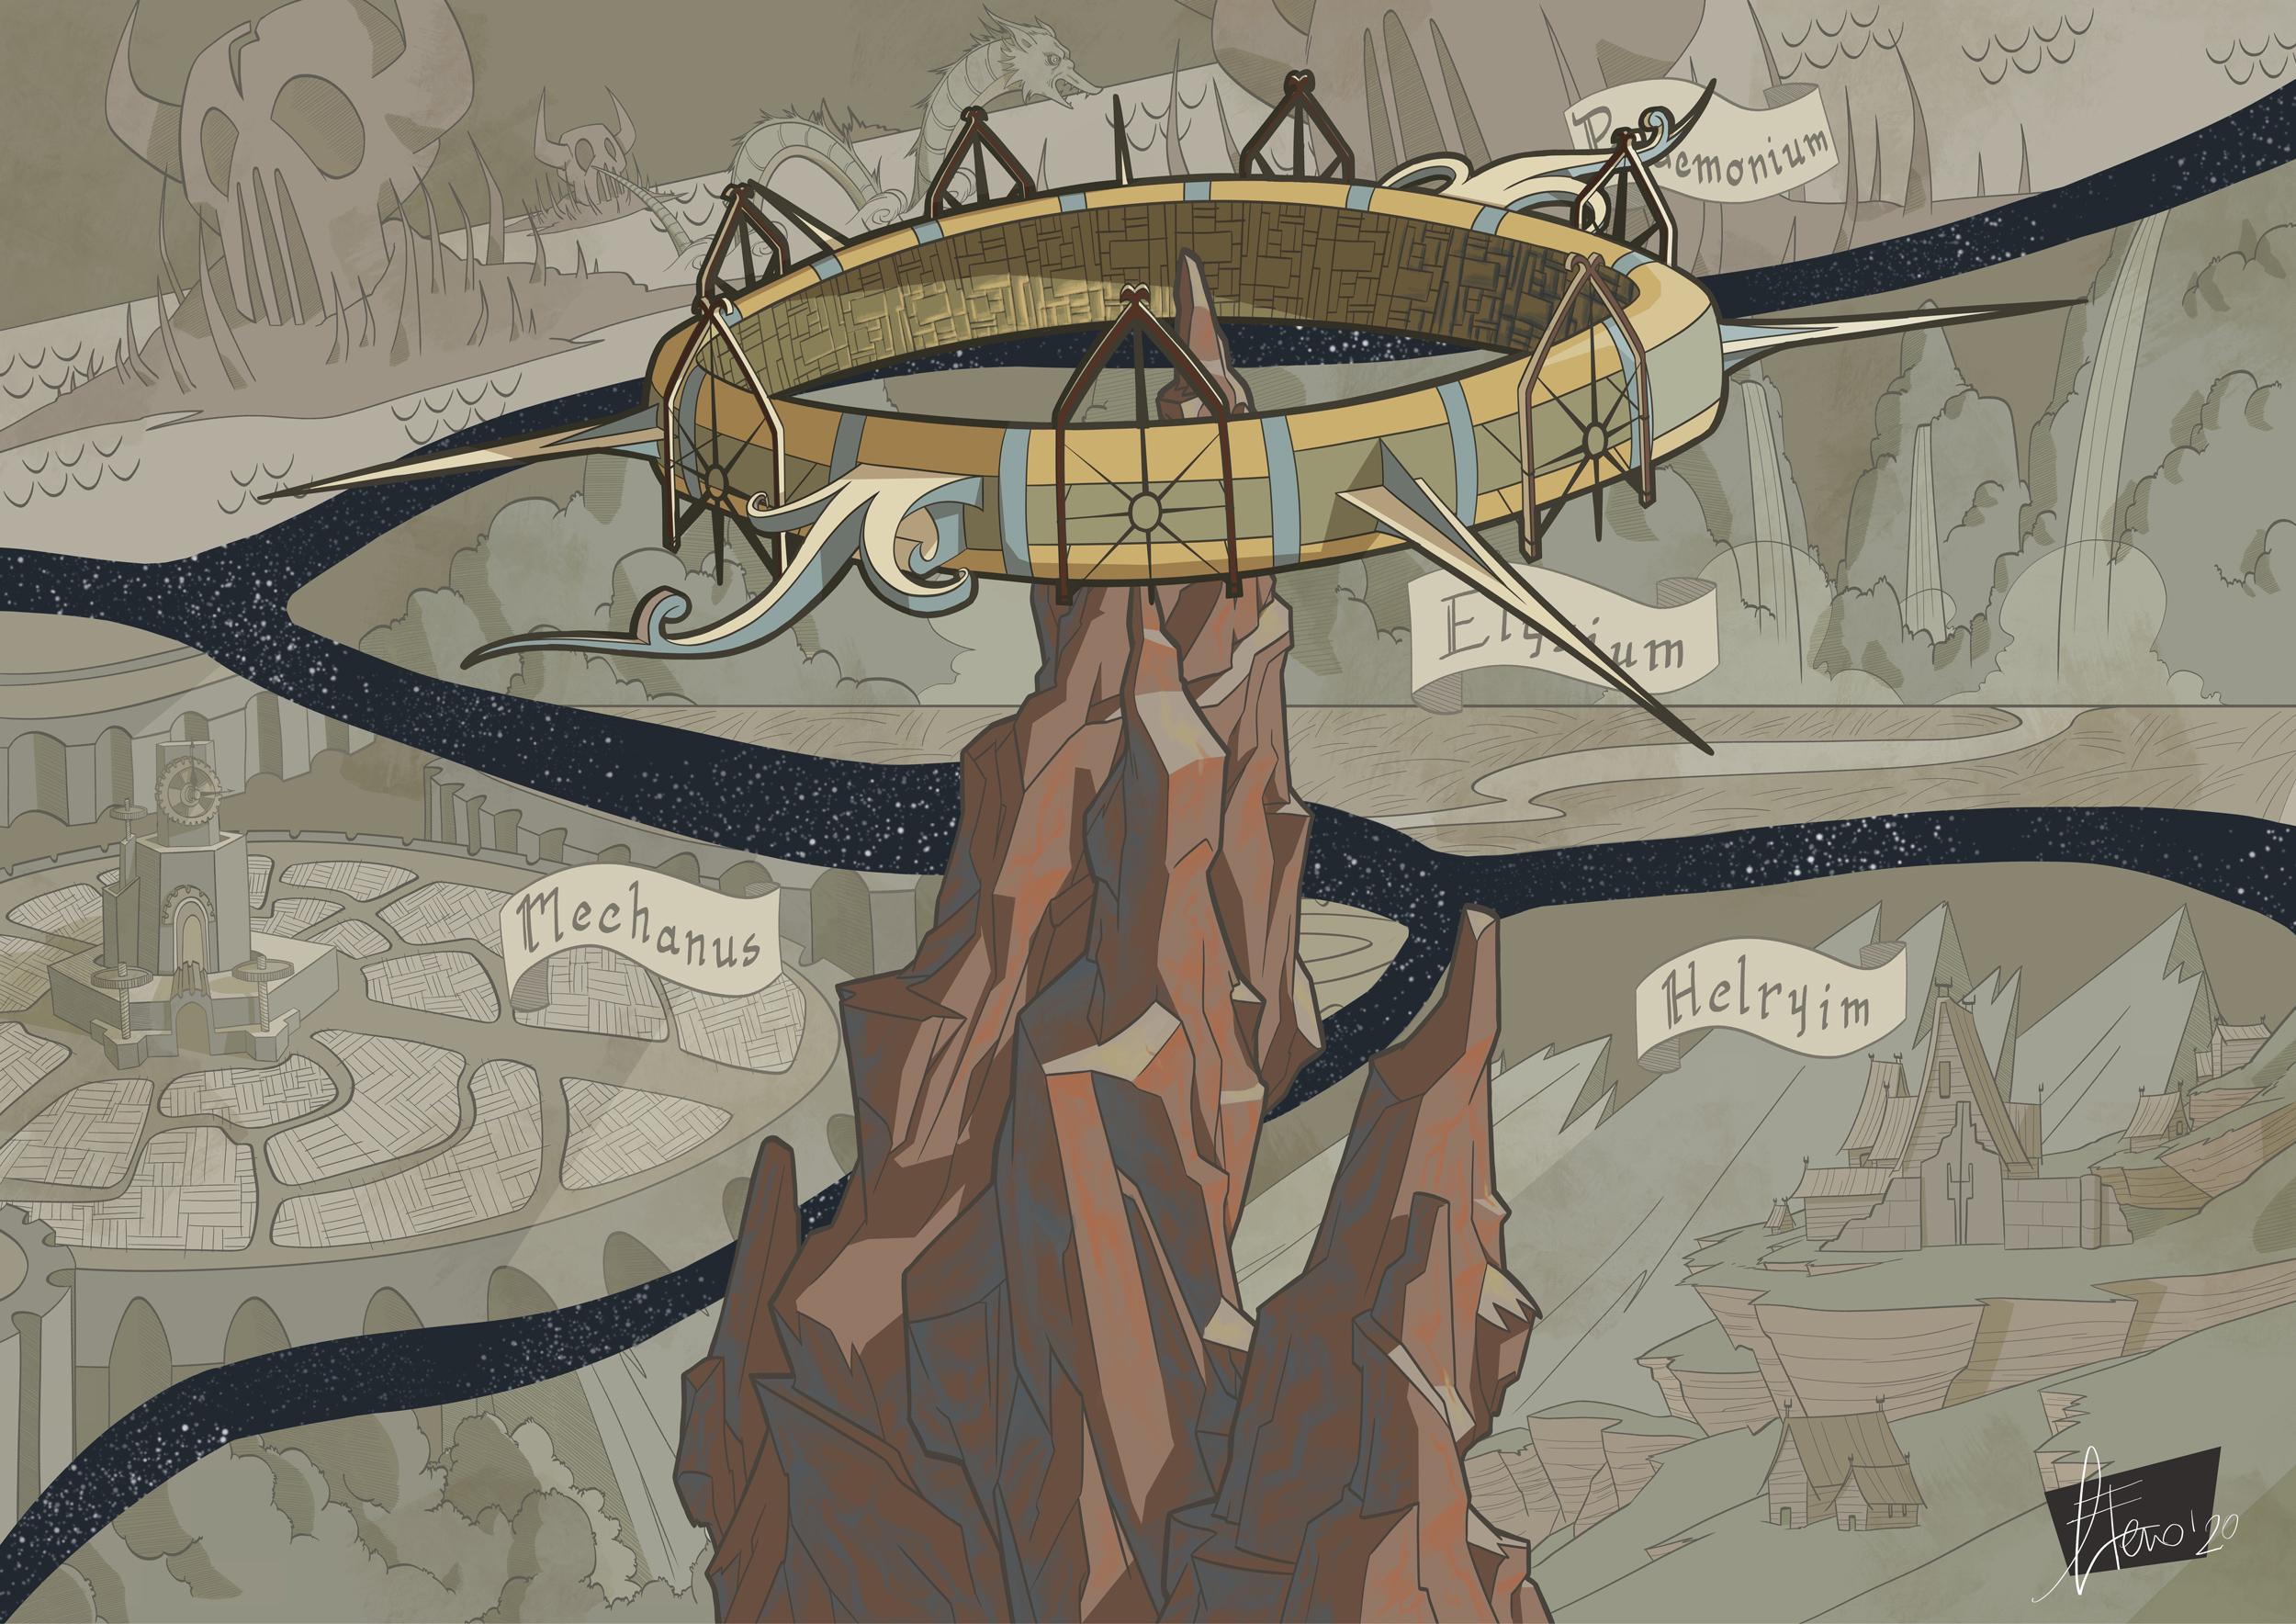 gnagneterno Poster promozionale (Sigil e i Piani Esterni) definitivo - by Agnese Eterno Planescape Torment Redesign Project (2020) © Scuola Internazionale di Comics Torino e dell'autore, tutti i diritti riservati